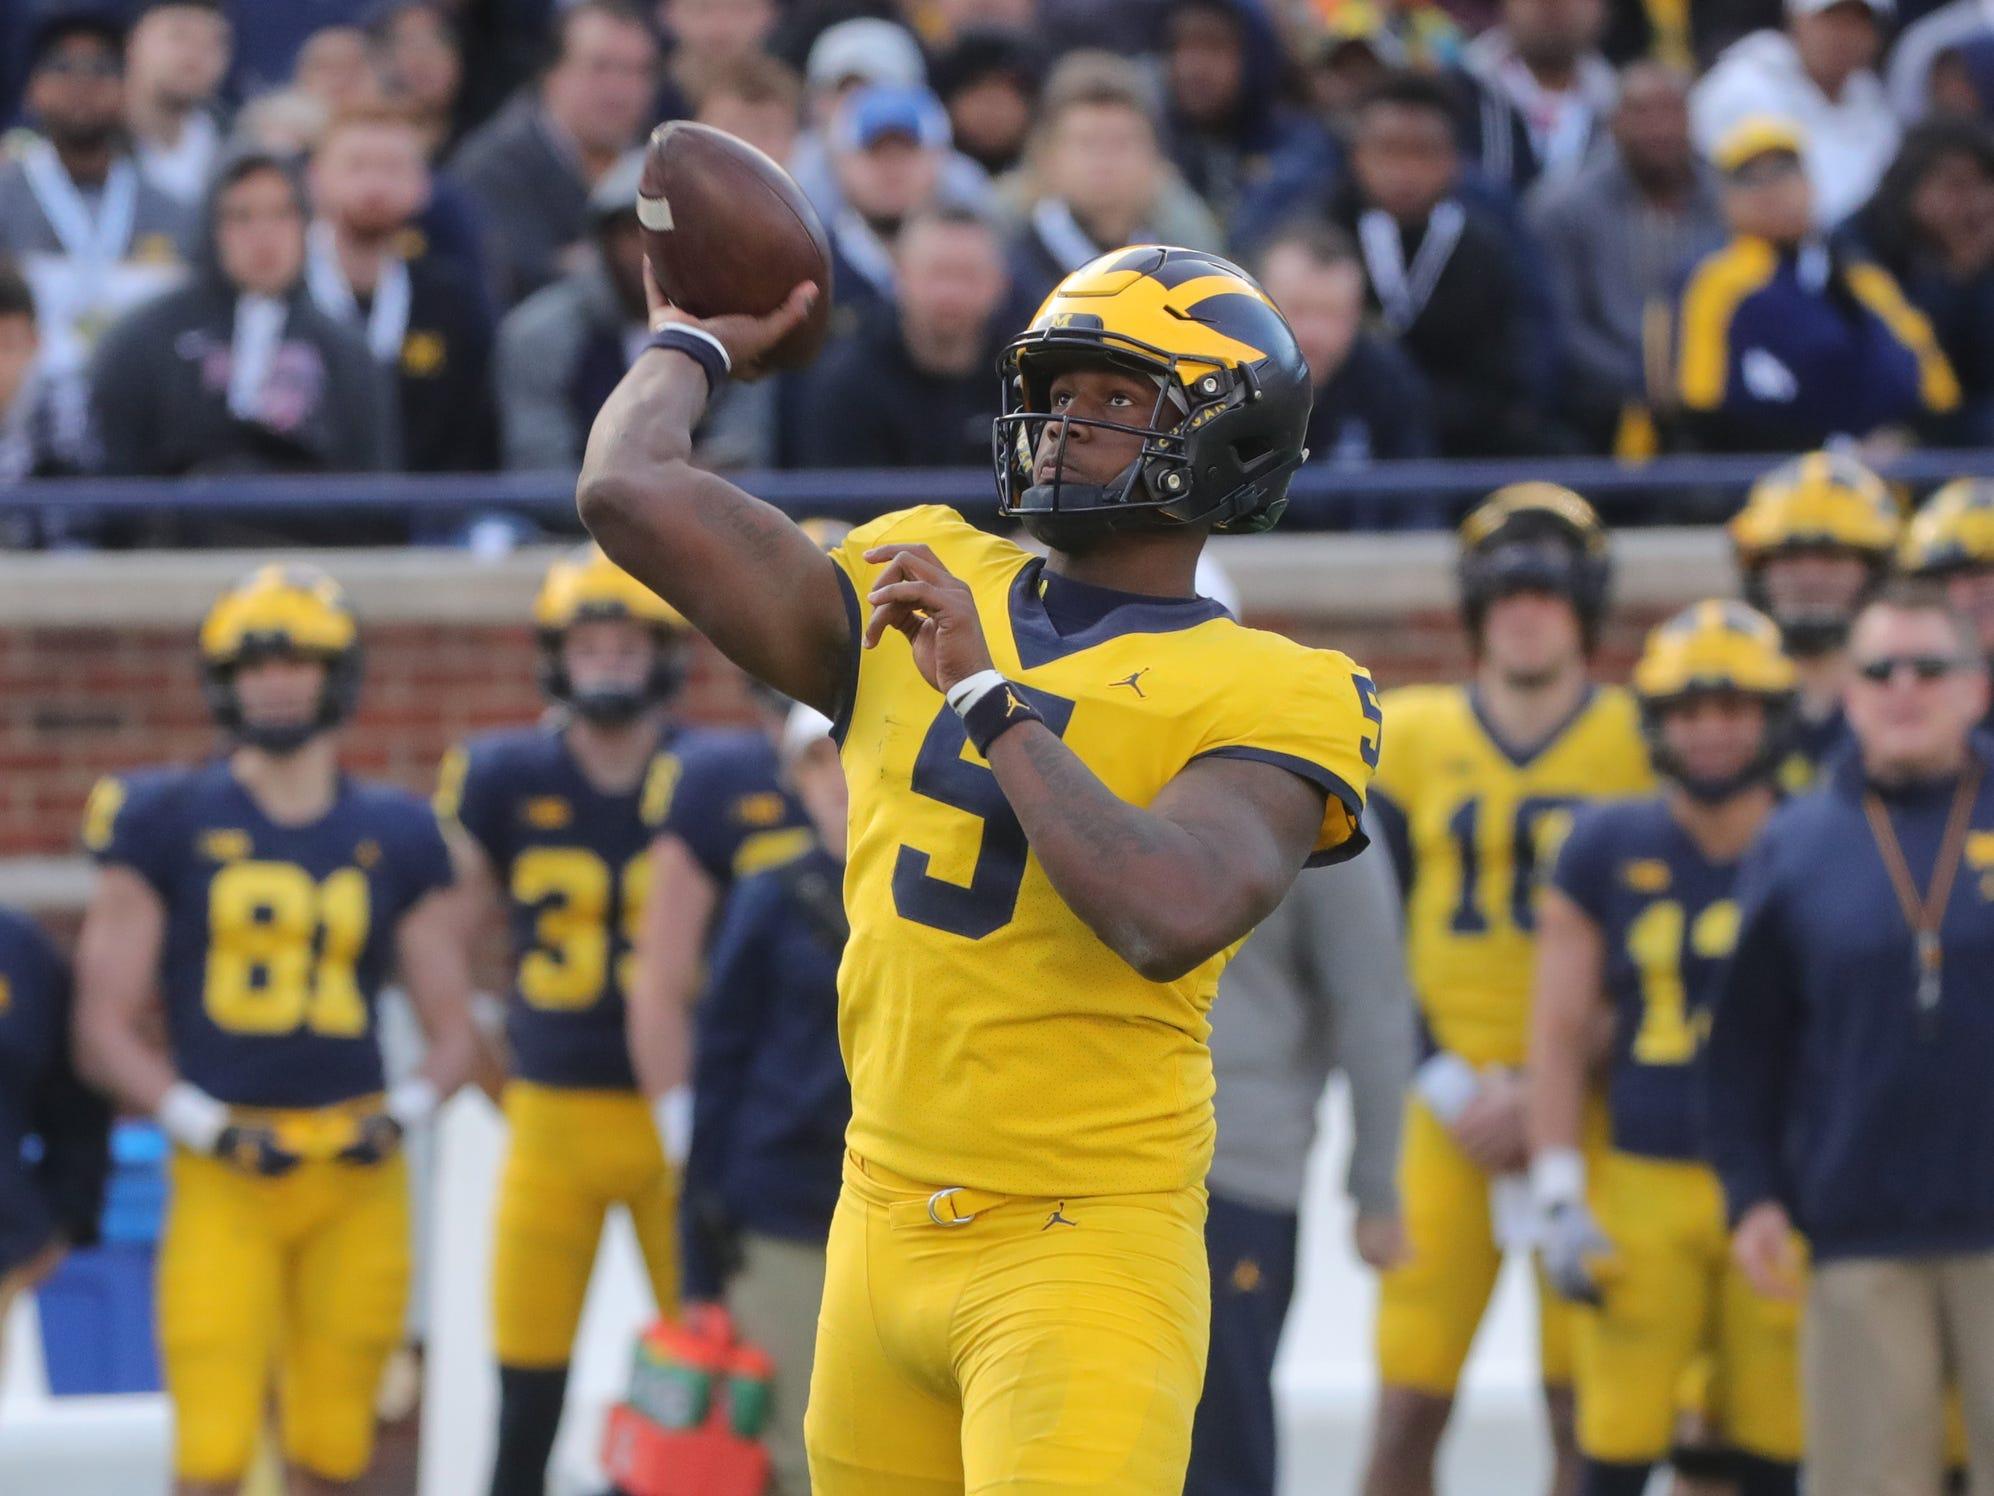 Michigan quarterback Joe Milton passes during the spring game Saturday, April 13, 2019 at Michigan Stadium in Ann Arbor.